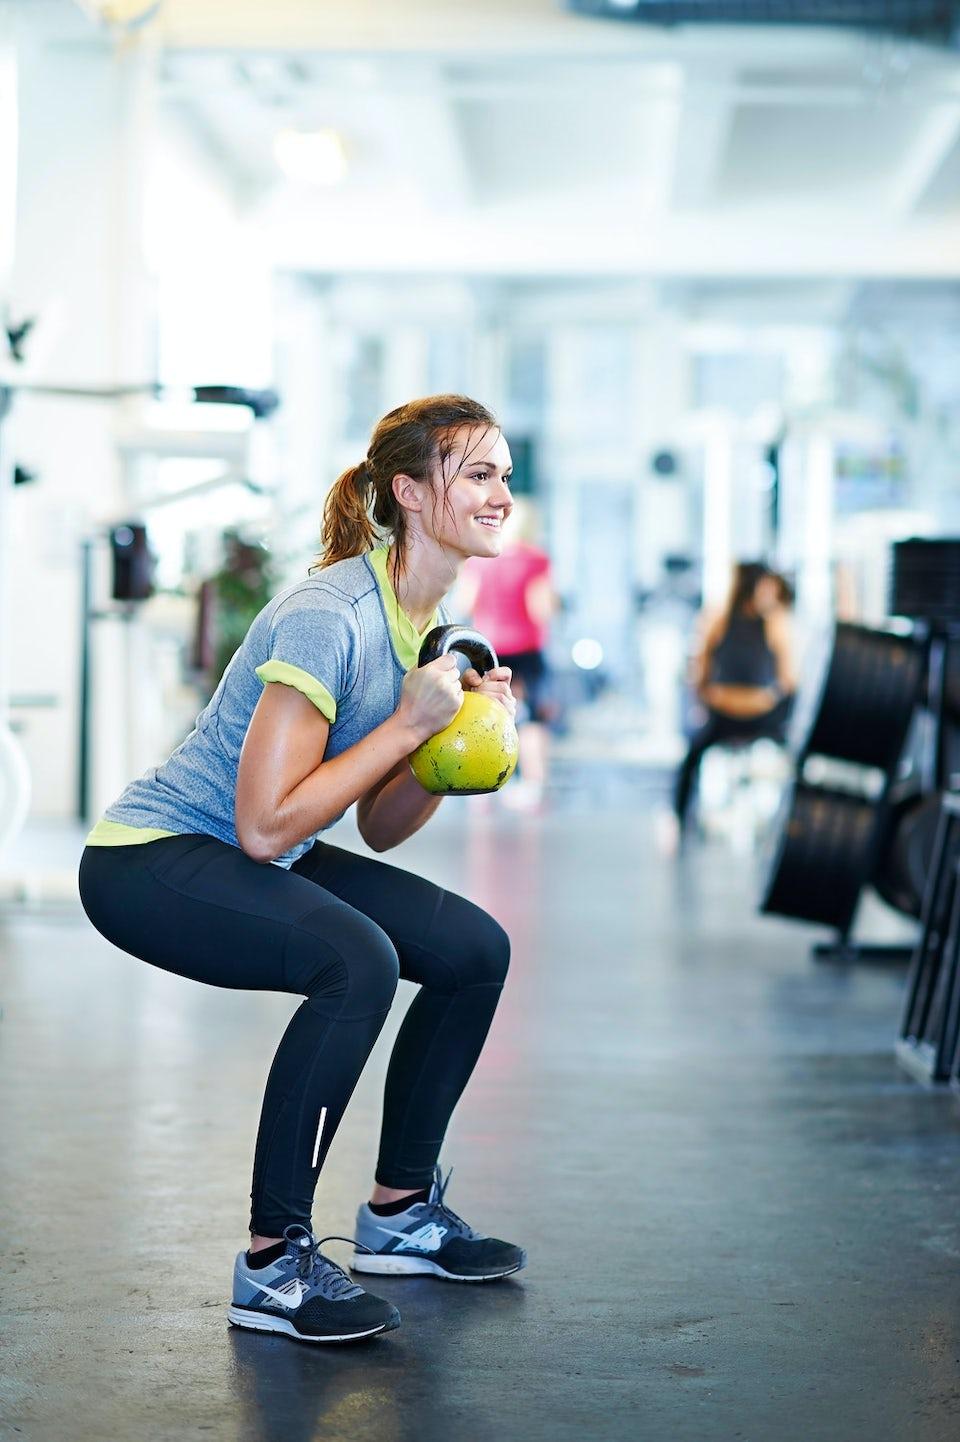 Kvinna gör squats med kettlebell